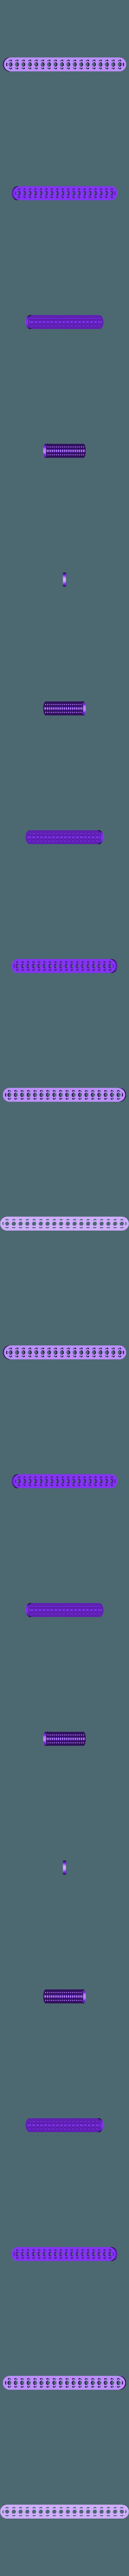 strait_18.STL Télécharger fichier STL gratuit MEGA Expansion 200+ Pièces • Plan à imprimer en 3D, Pwentey